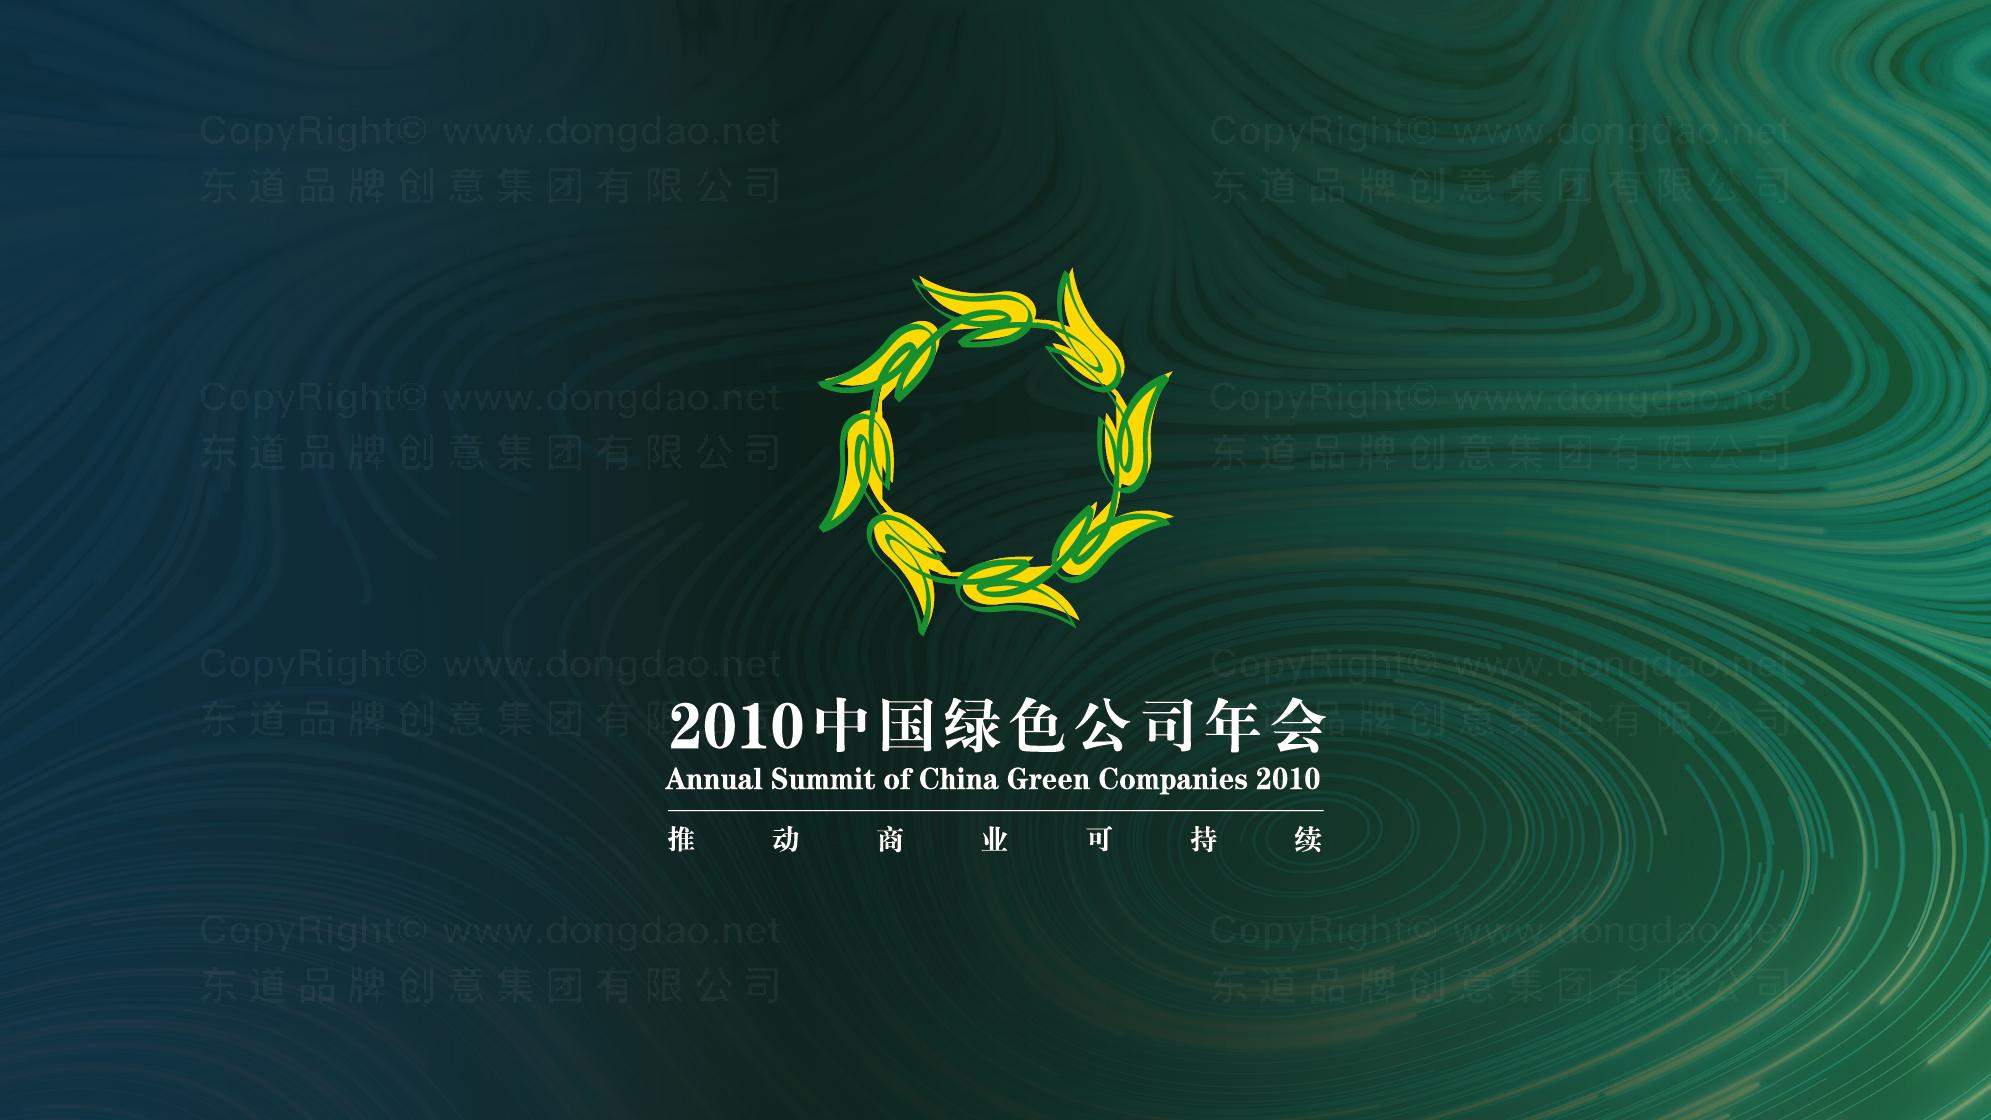 品牌设计案例2010中国绿公司年会LOGO设计